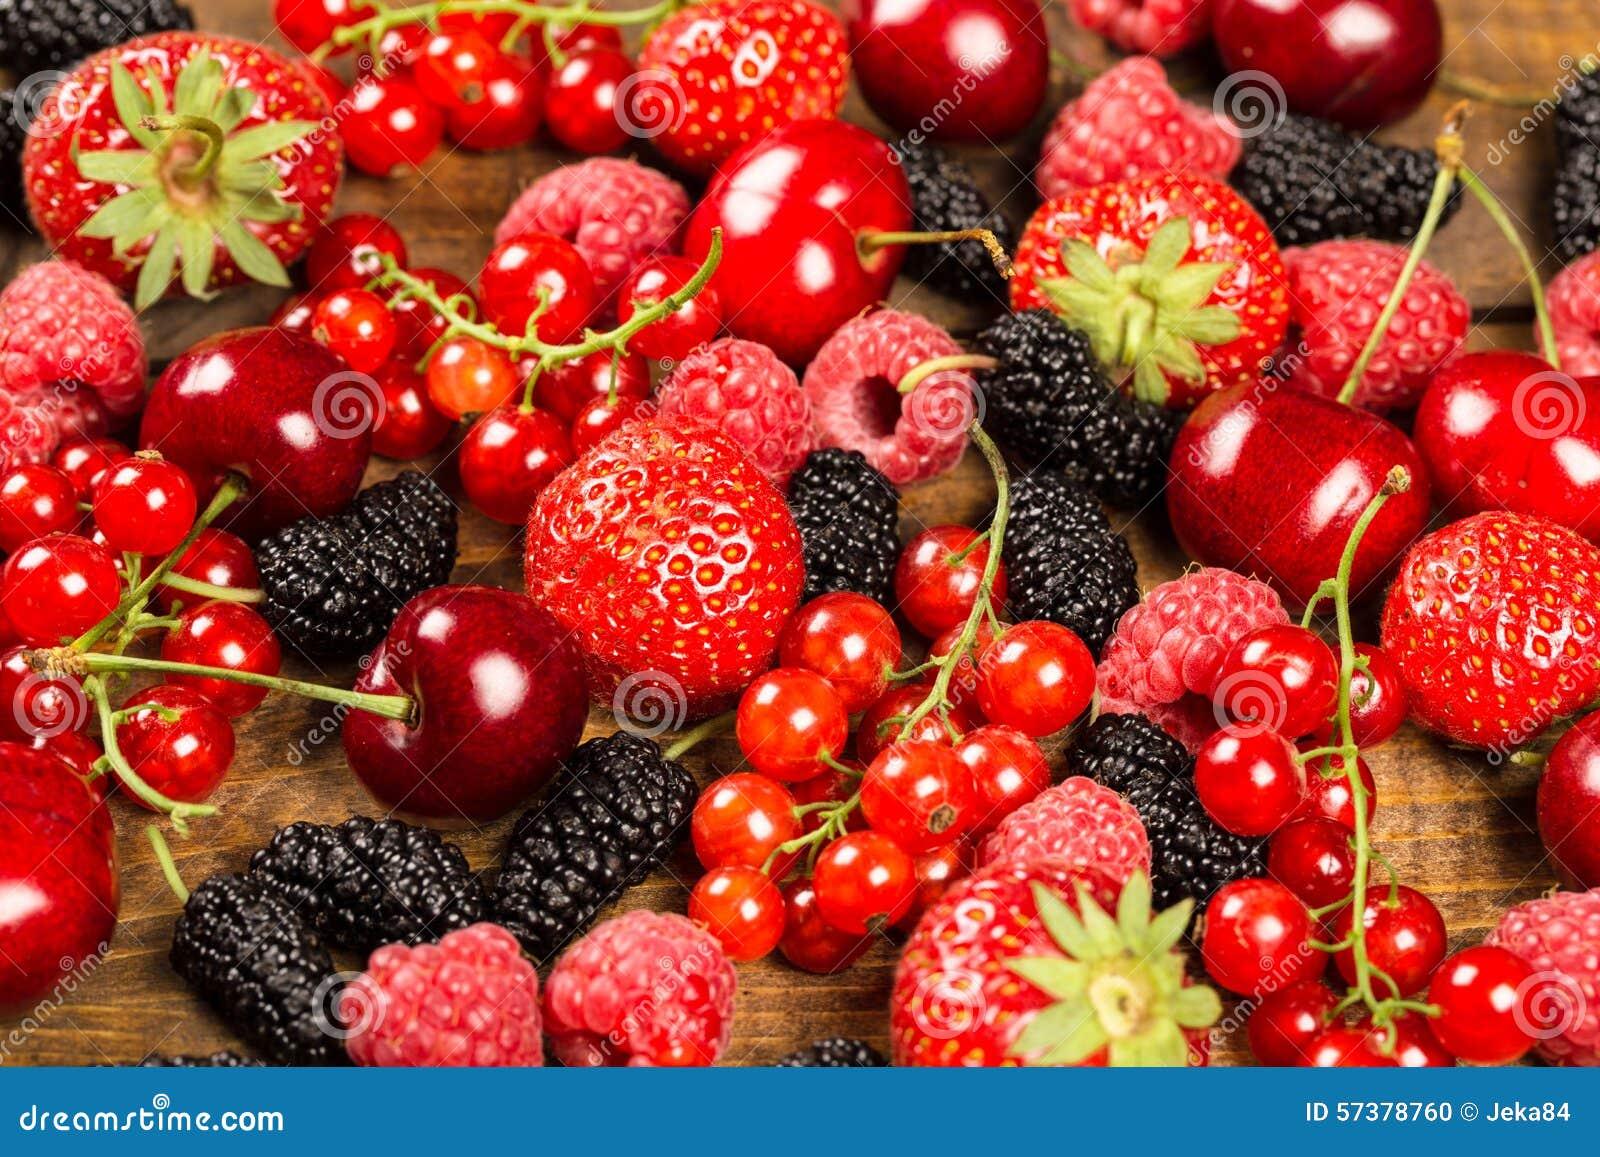 Inzameling van kersen, aardbeien, moerbeibomen, rode aalbessen,